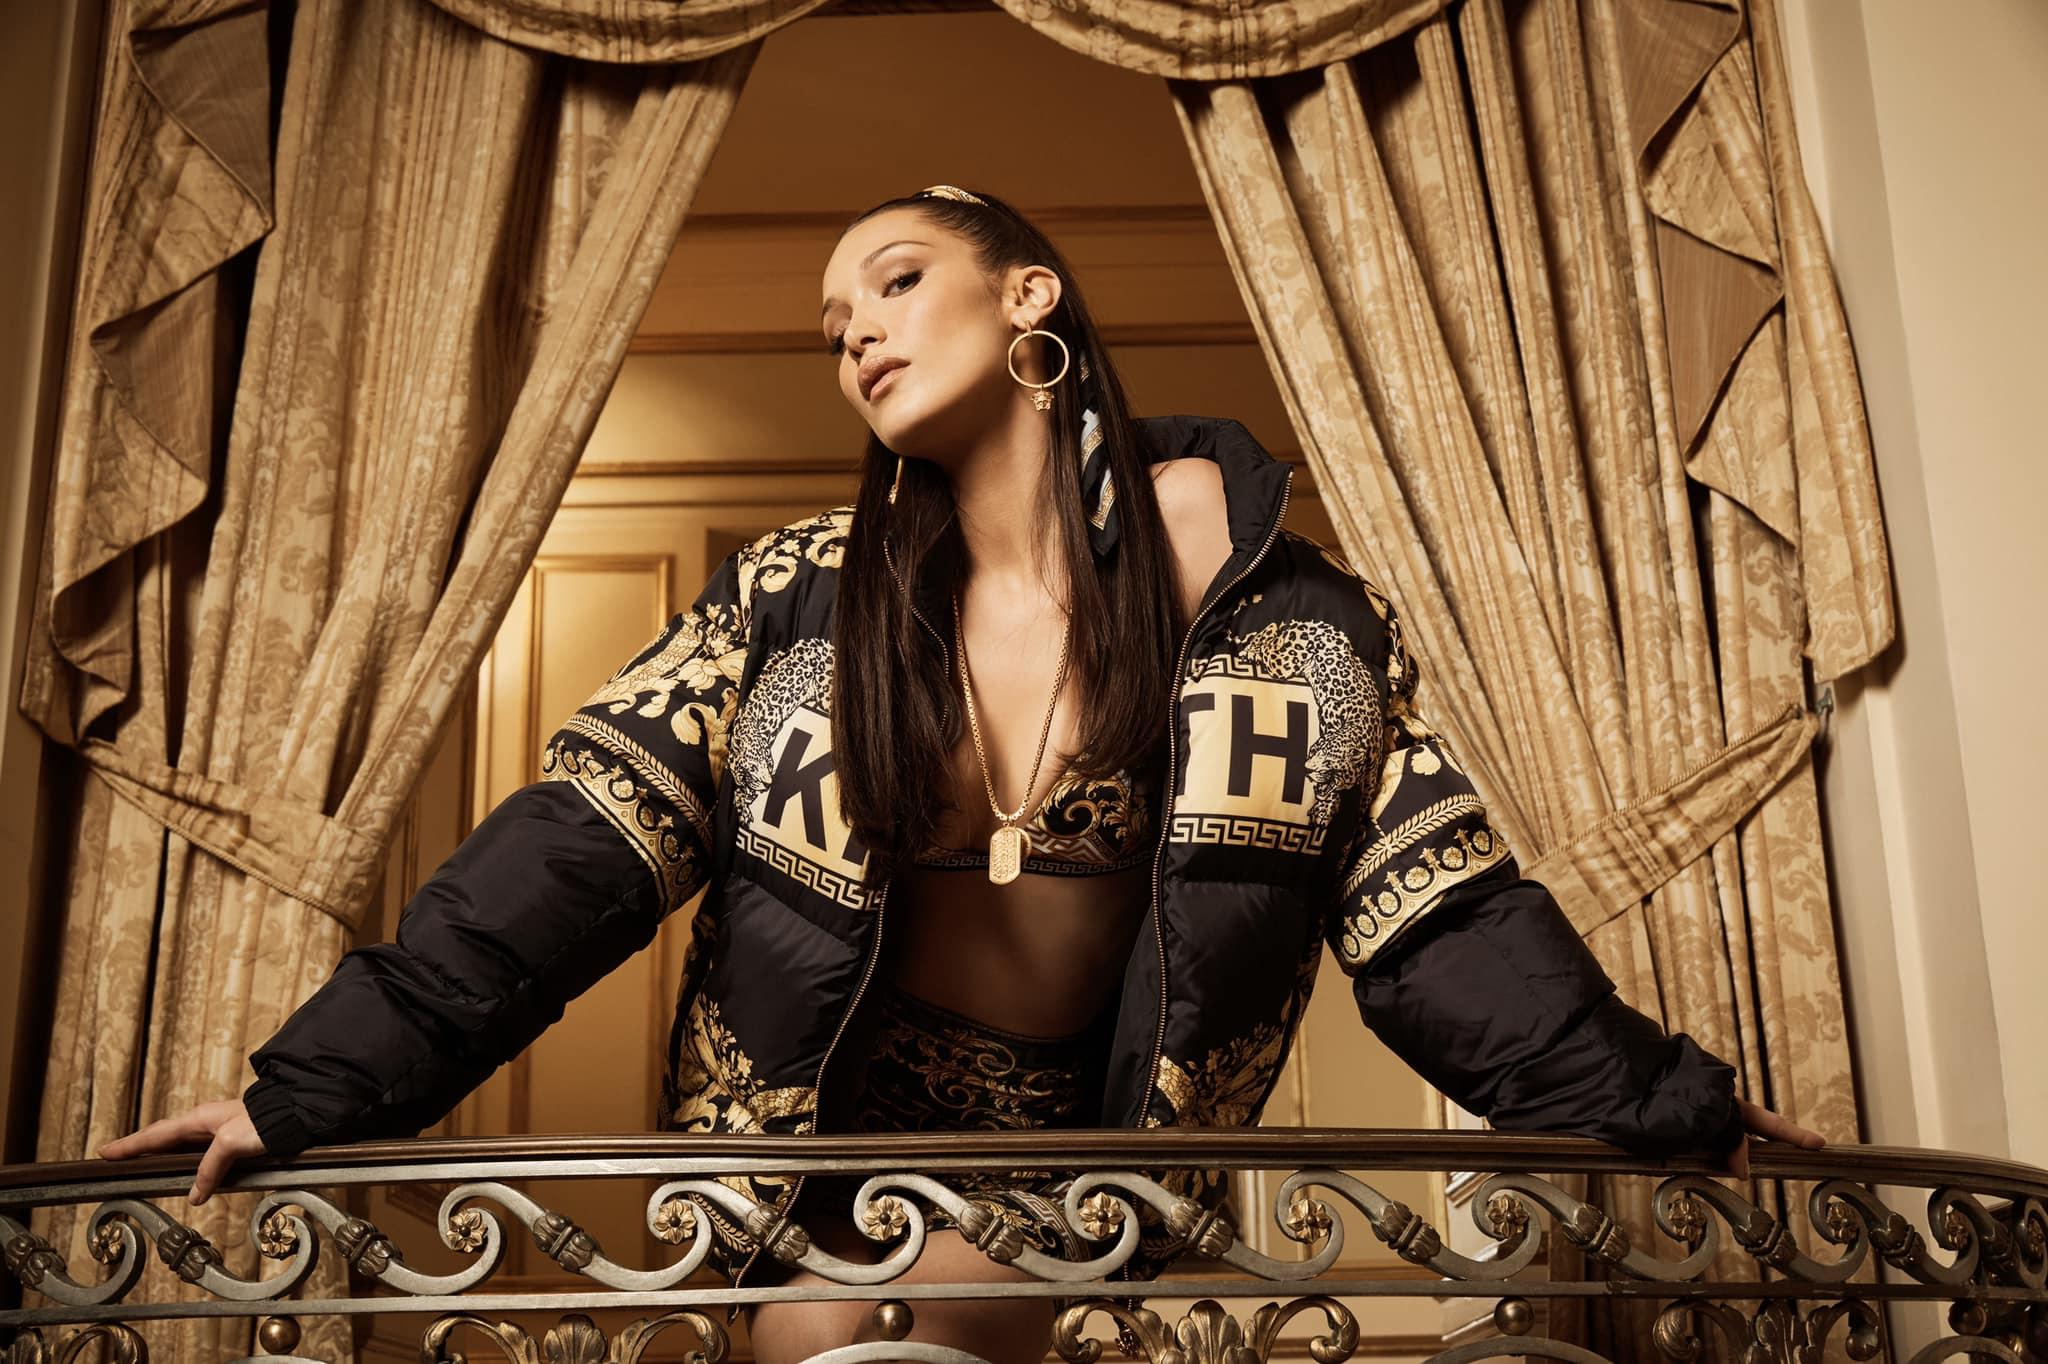 Кожаное белье и летящие халаты: Белла Хадид позировала для рекламы Versace